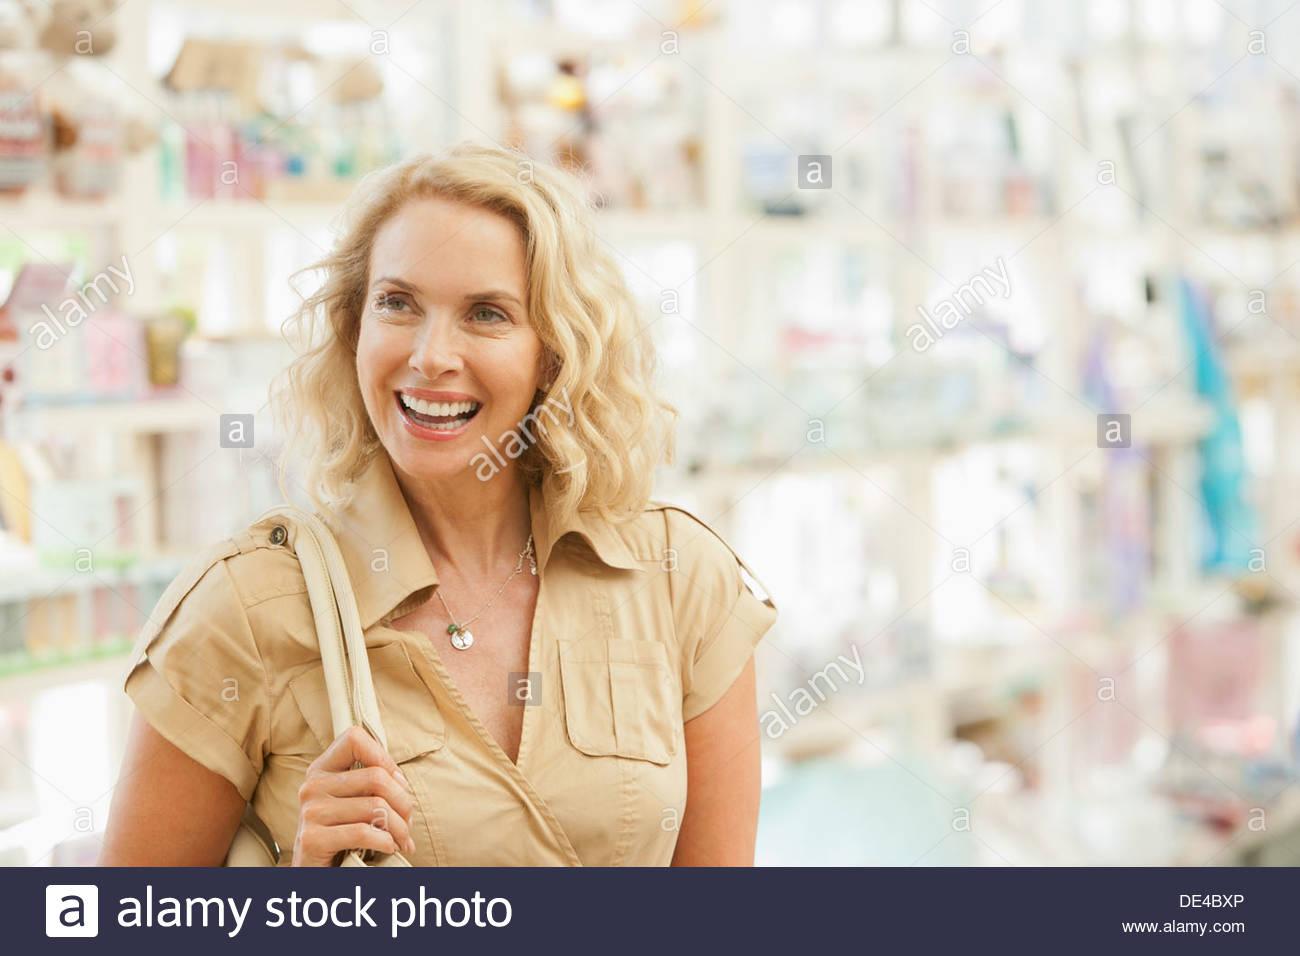 Lächelnde Frau shoppen im Shop Stockbild